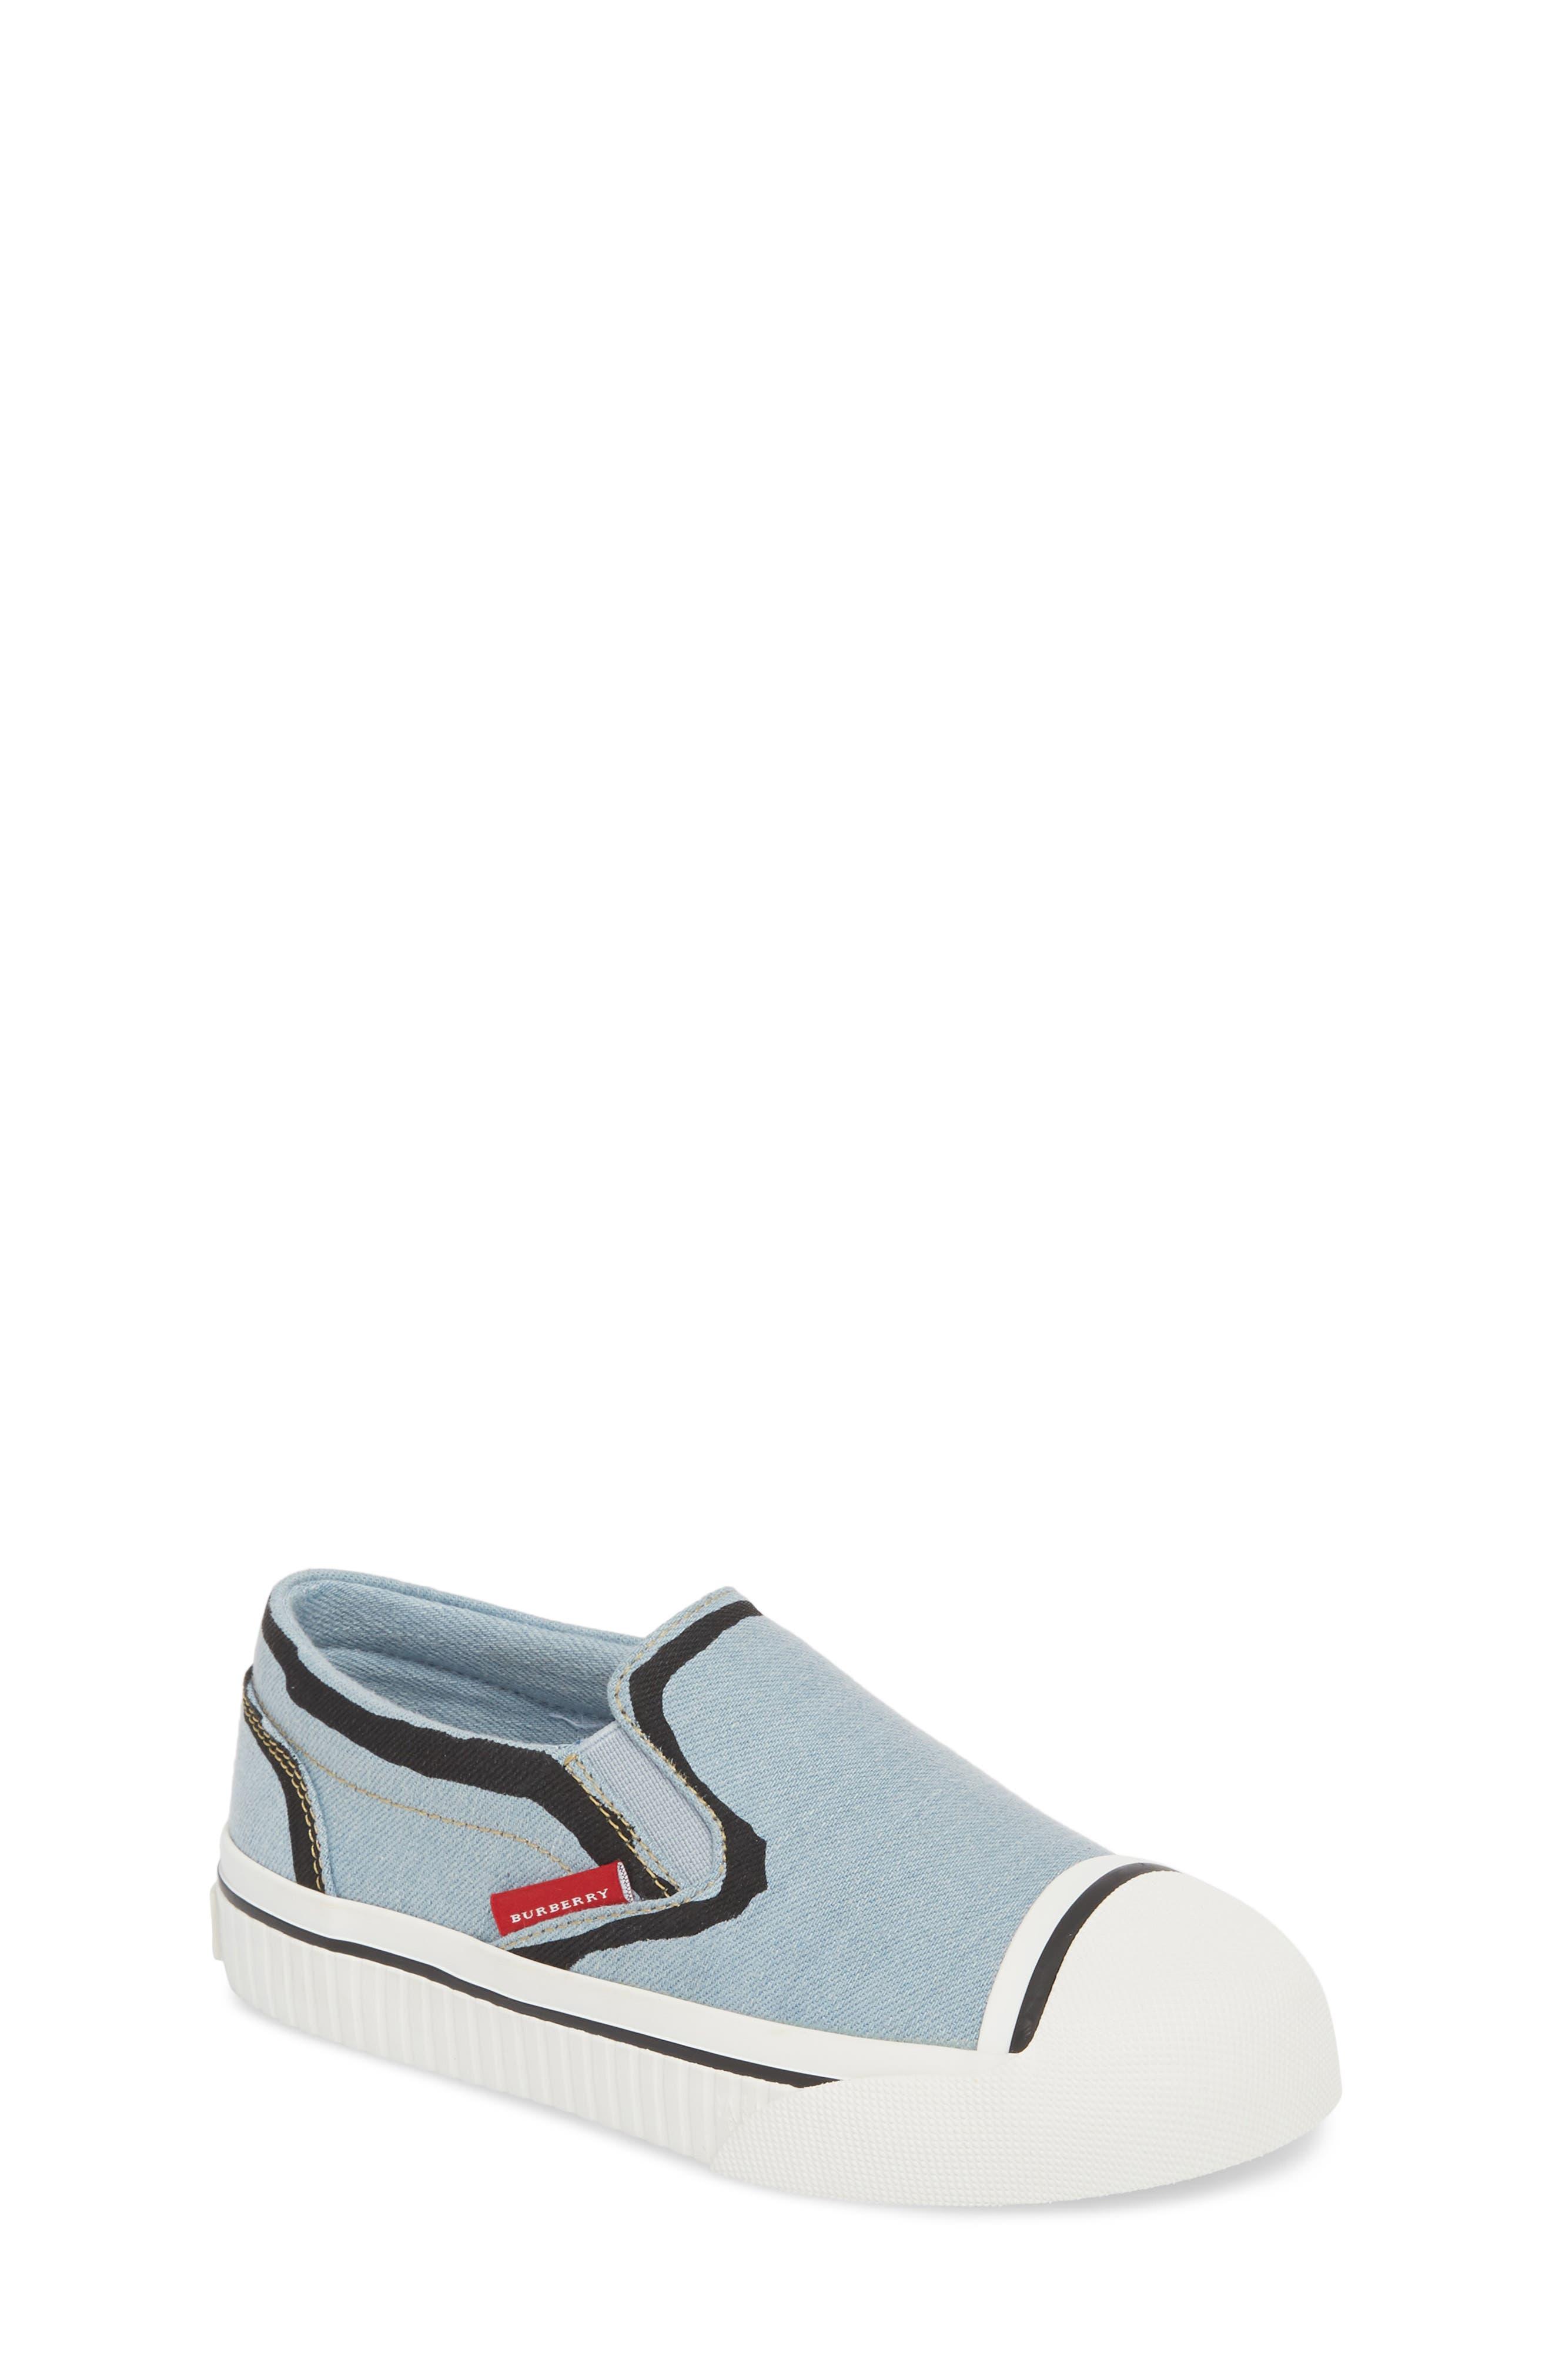 Burberry Lipton Slip-On Sneaker (Toddler & Little Kid)